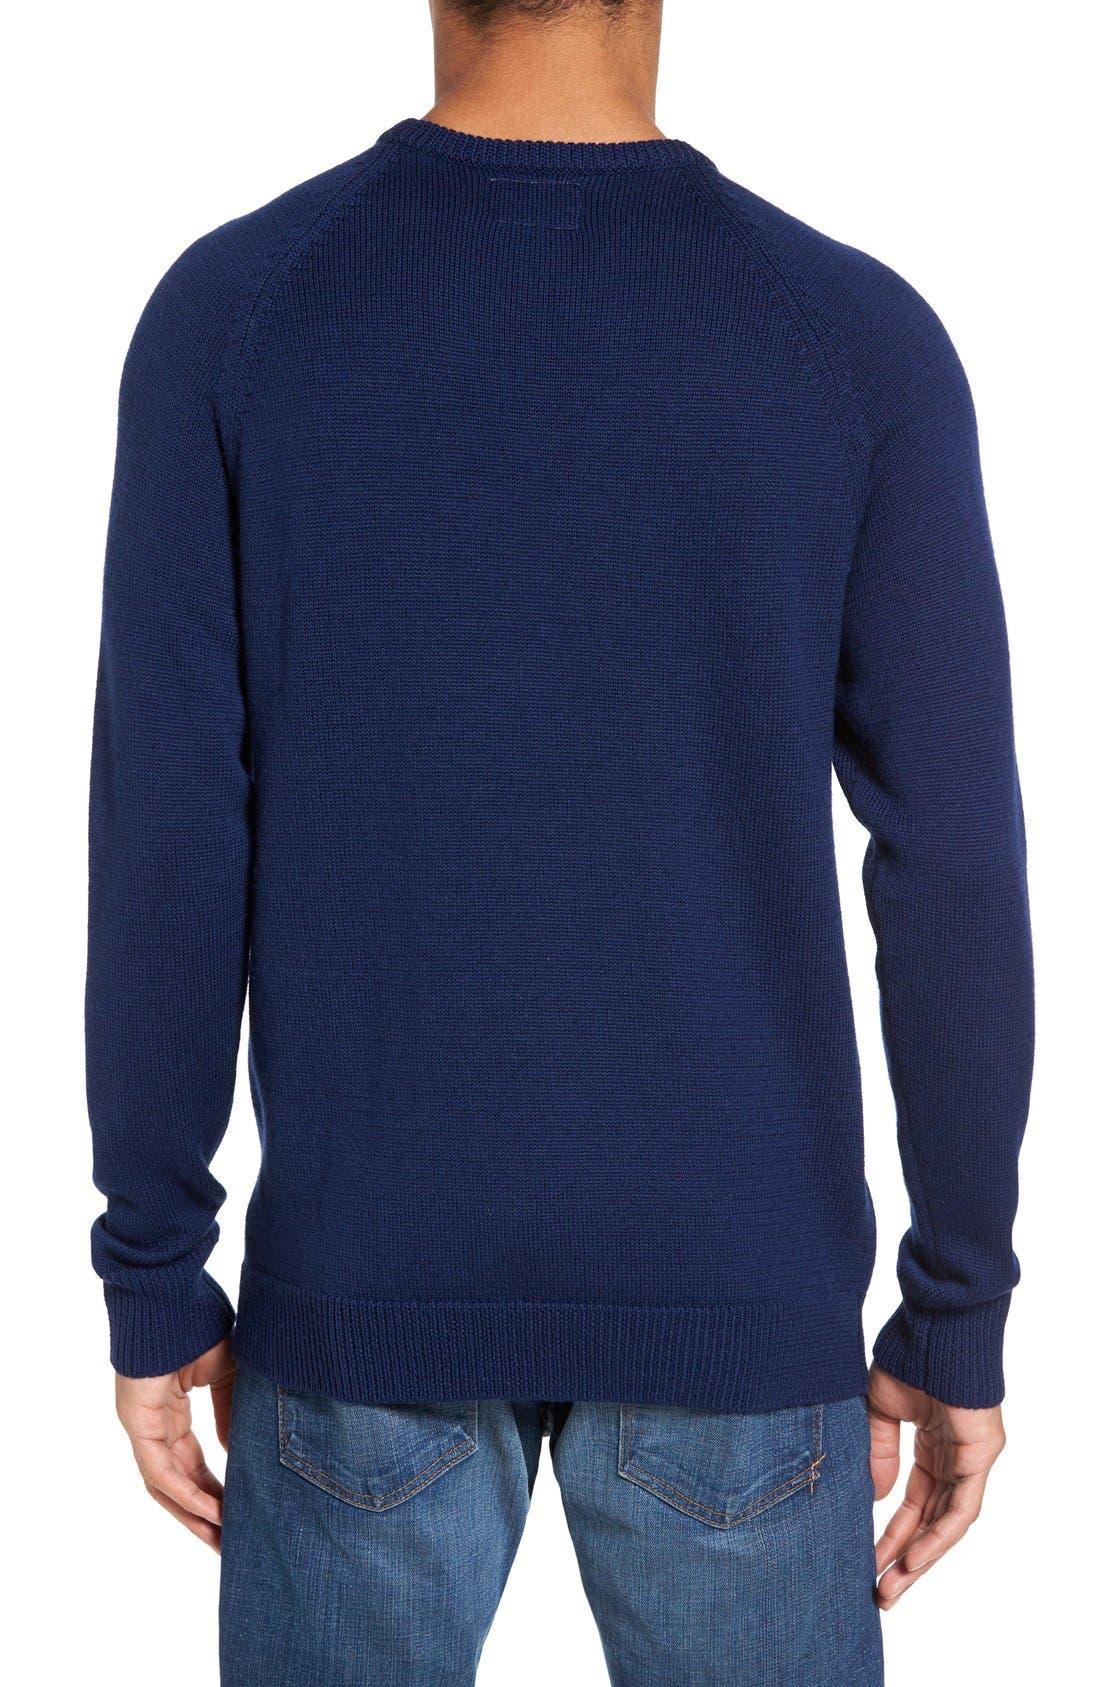 Alternate Image 2  - Hillflint Ole Miss Heritage Sweater